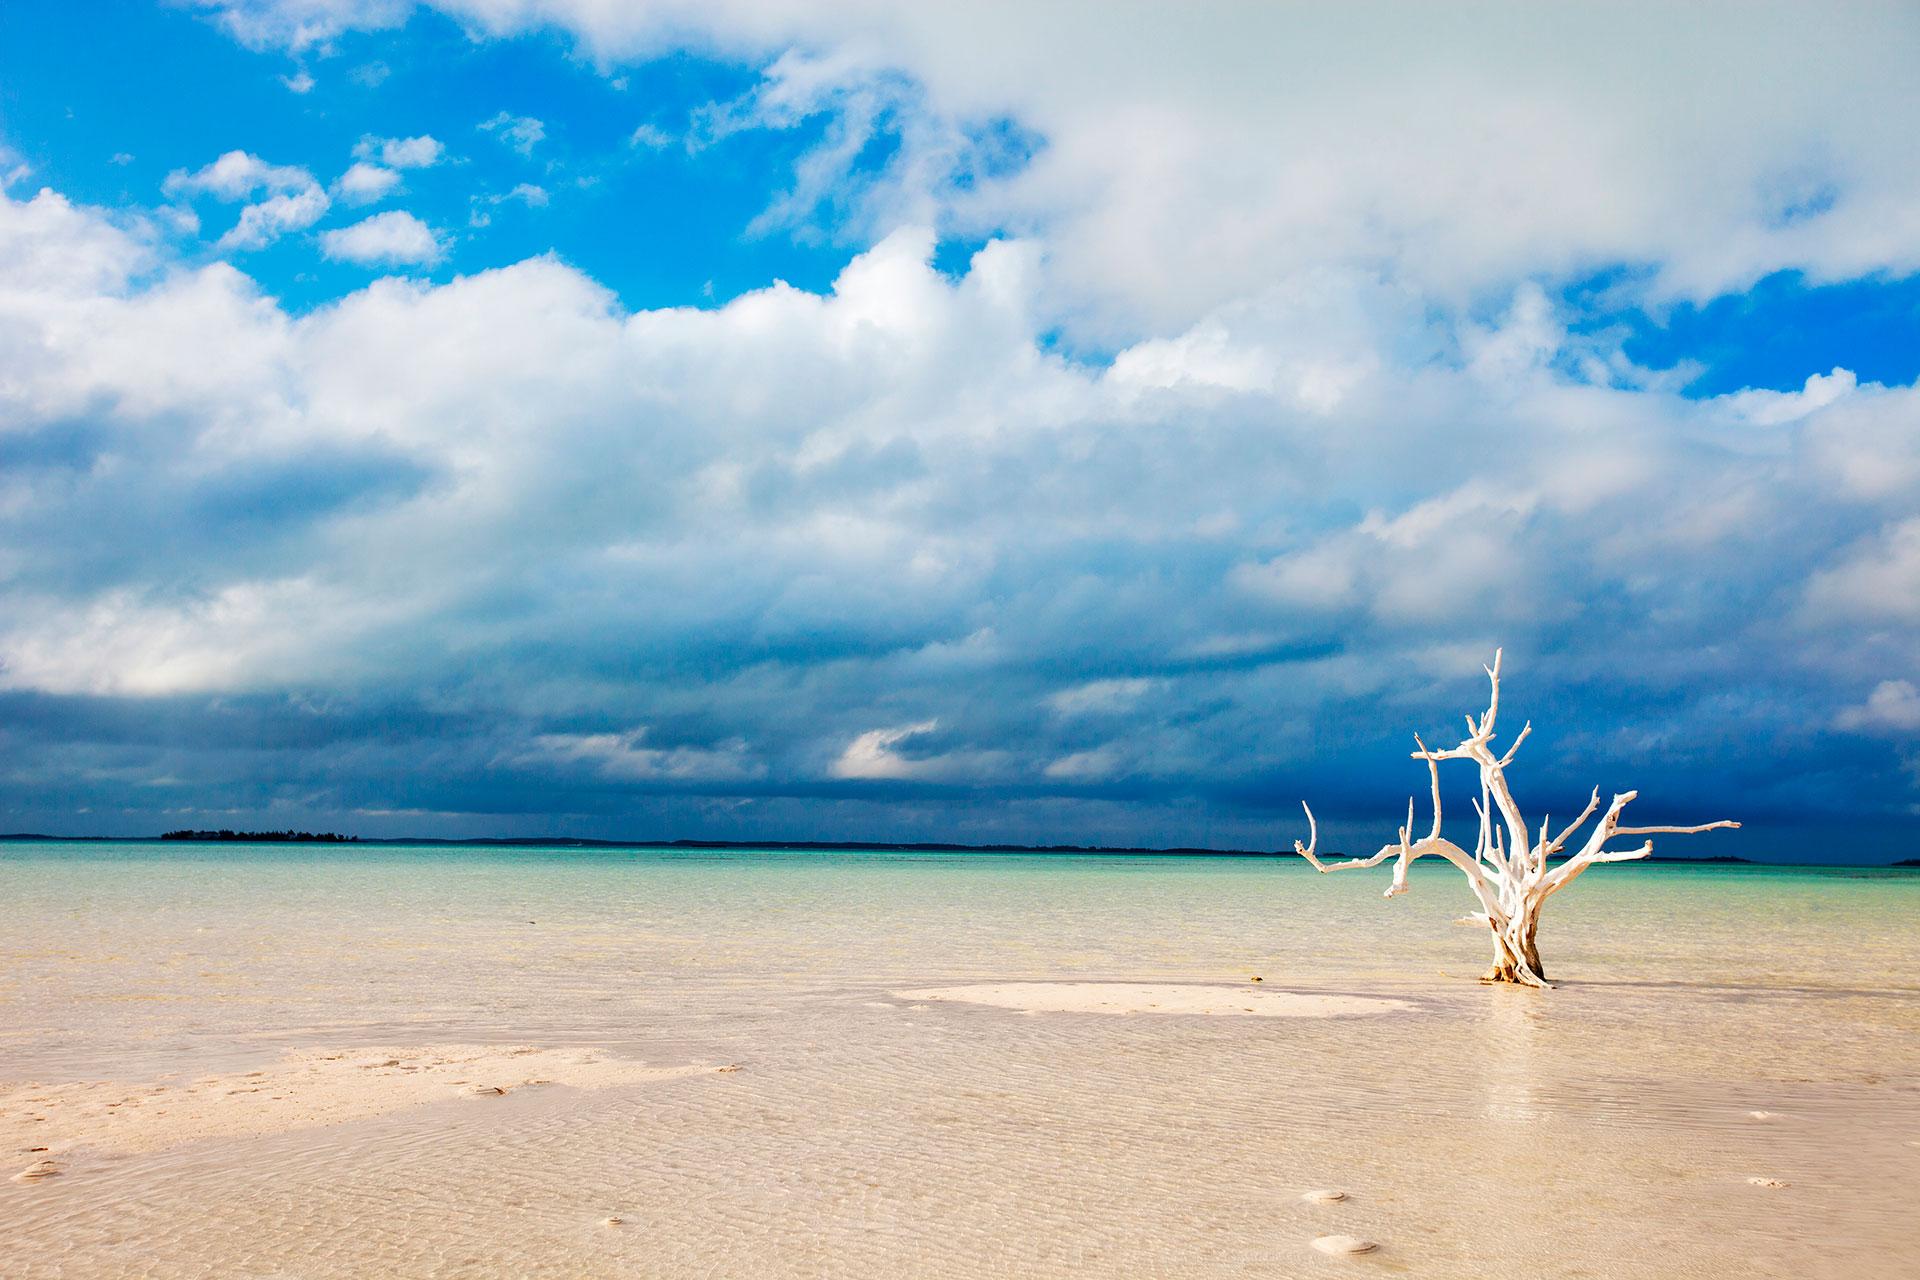 Cuatro palabras: playa de arena rosa. Con más de tres millas de largo, la icónica y colorida playa de Harbour Island está coloreada gracias a las conchas rosadas y rojas de pequeños organismos que habitan los corales, que han sido aplastados por las olas y arrastrados a la costa. Pero, como ocurre con la mayoría de las islas de esta lista, hay más que hacer en la playa que simplemente tomar el sol. Ciertas áreas están abiertas a los jinetes, mientras que el agua está llena de arrecifes de coral periféricos que adorarán a los buceadores